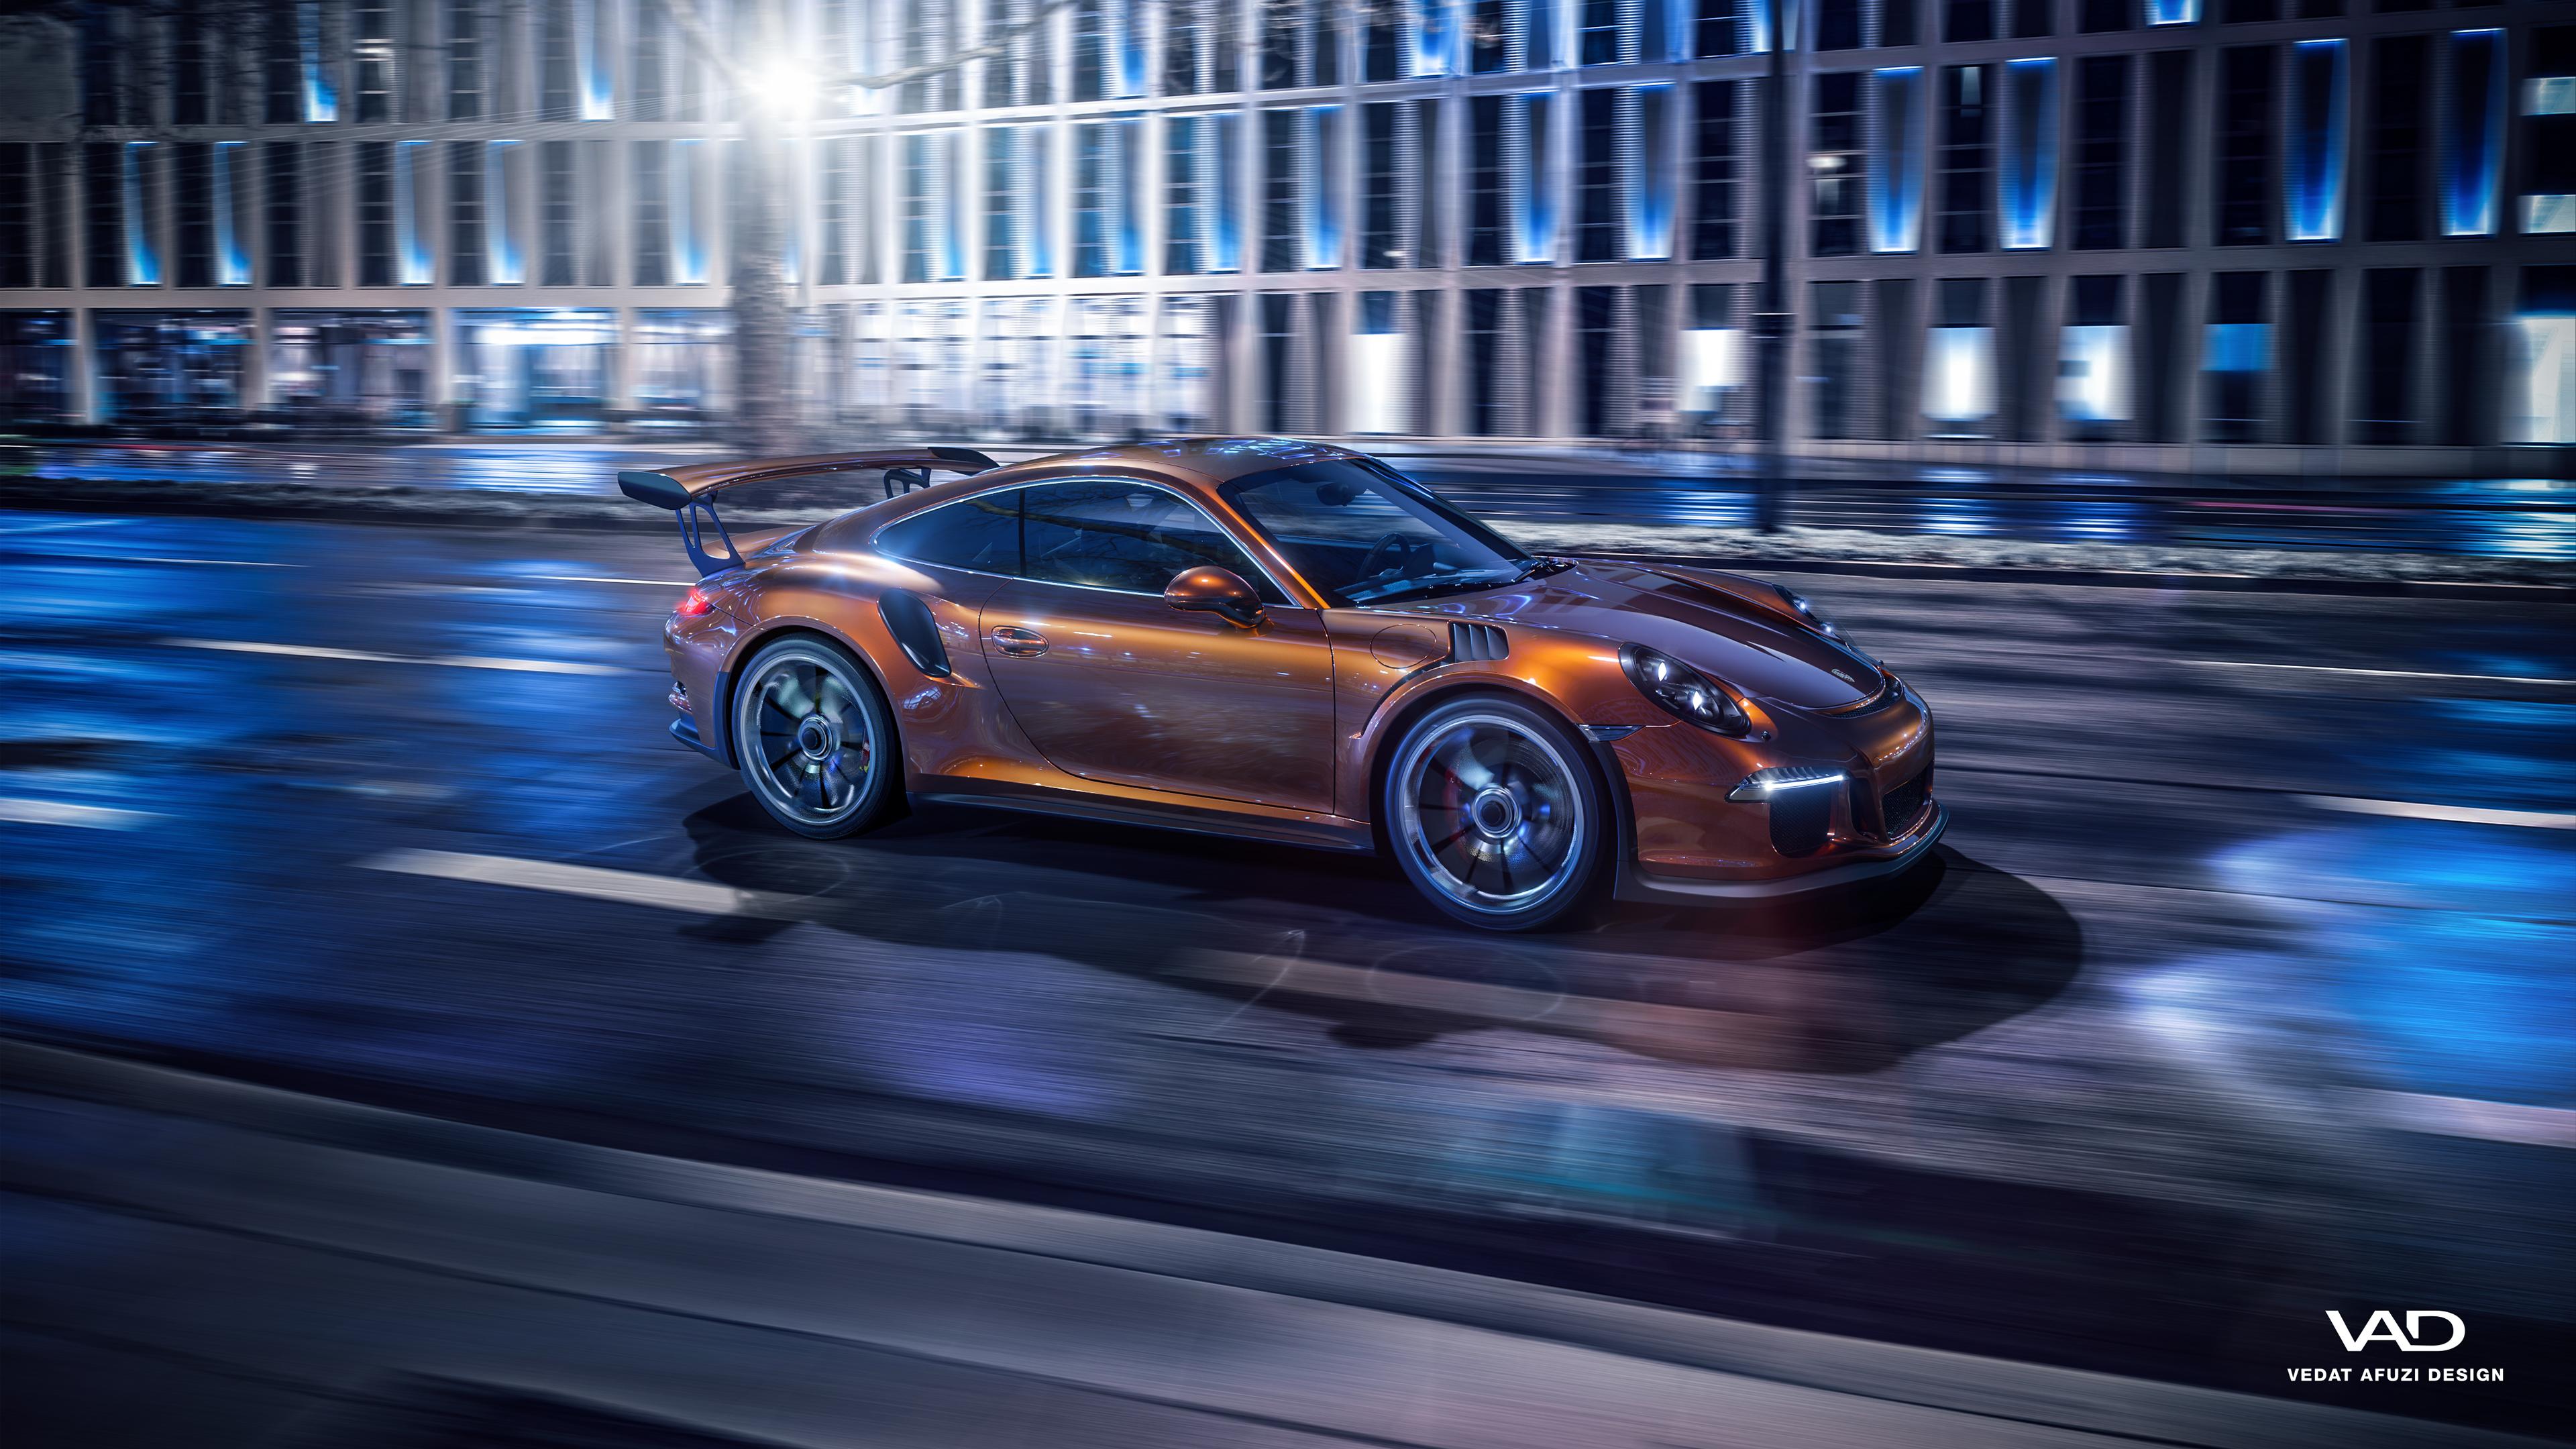 4k Porche Carrera Gt Wallpaper: Porsche 911 GT3 RS 4K Wallpaper